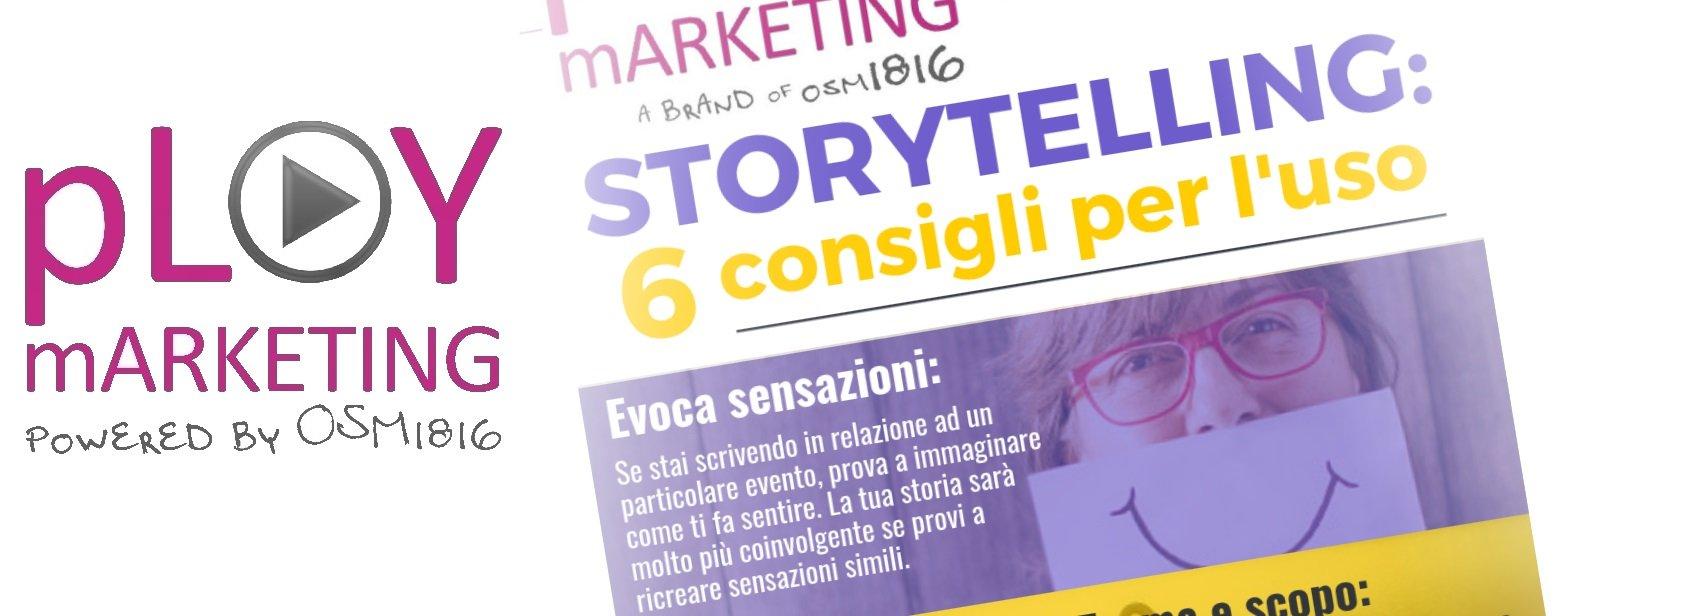 Infografica: Storytelling – 6 consigli per raccontare la tua storia